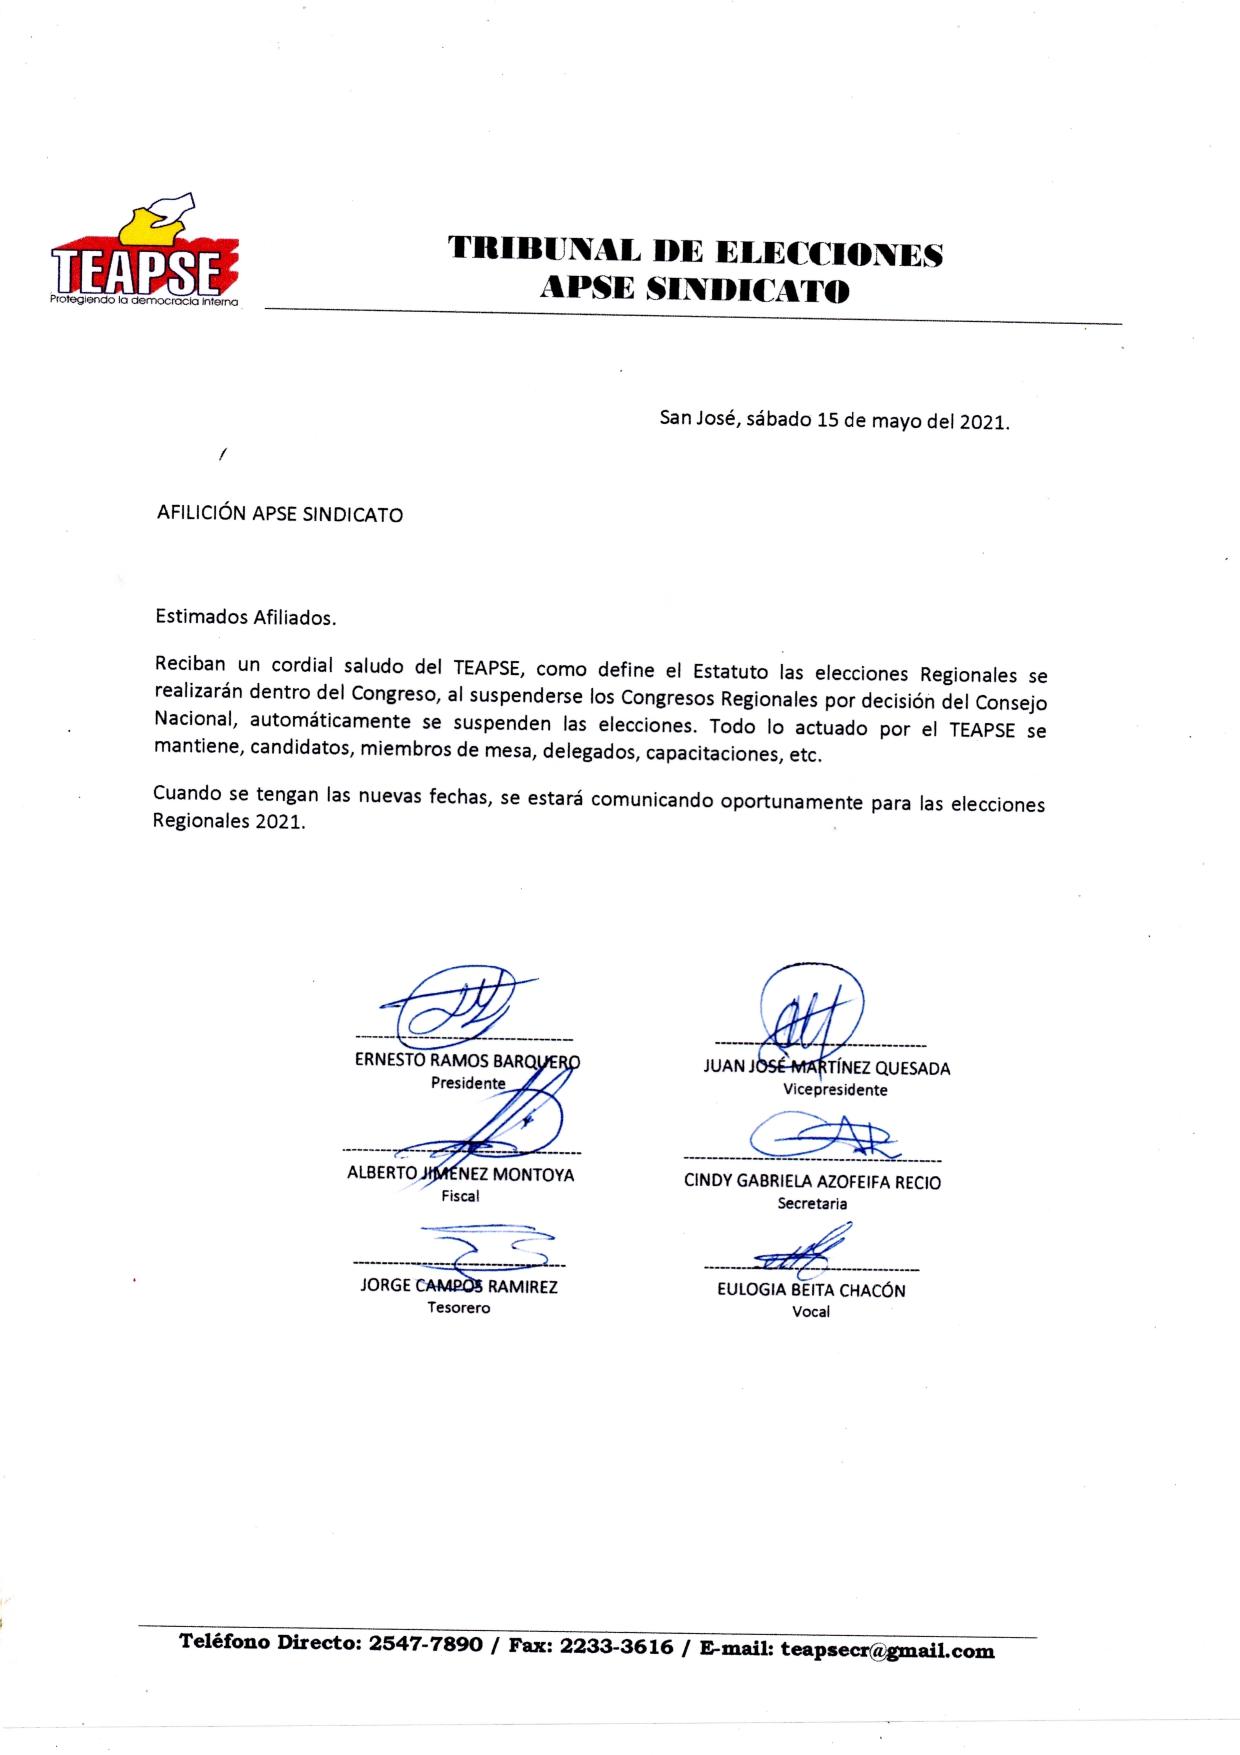 SUSPENDIDAS LAS ELECCIONES REGIONALES 2021